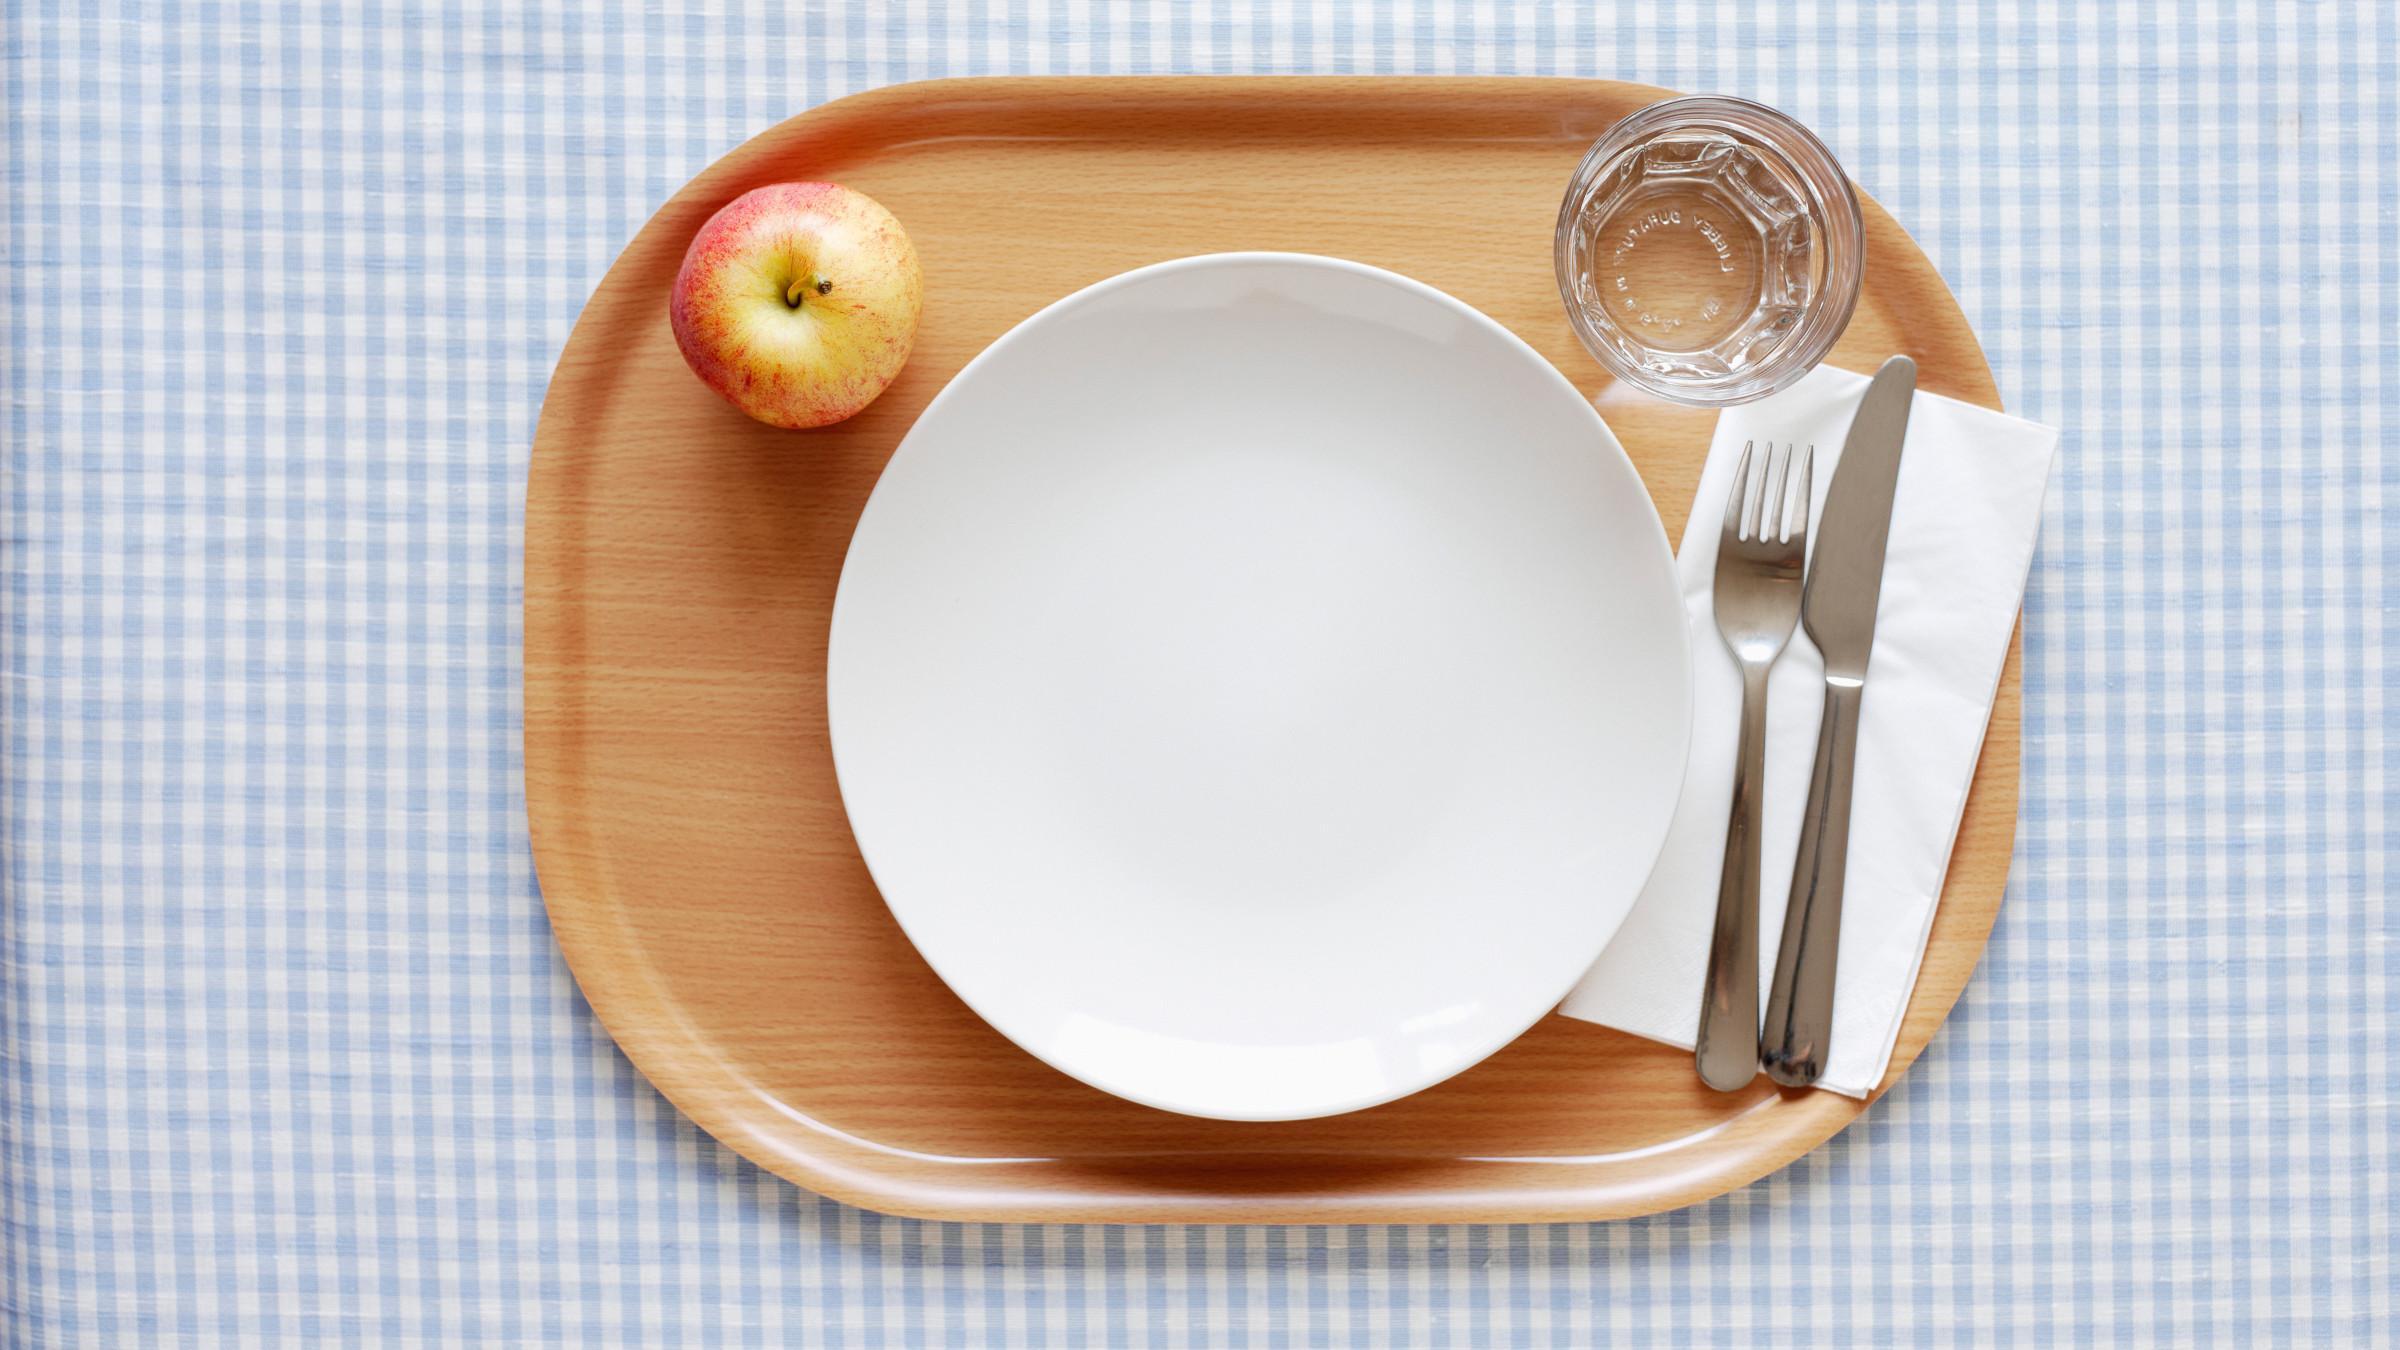 Диета для похудения может провоцировать развитие диабета